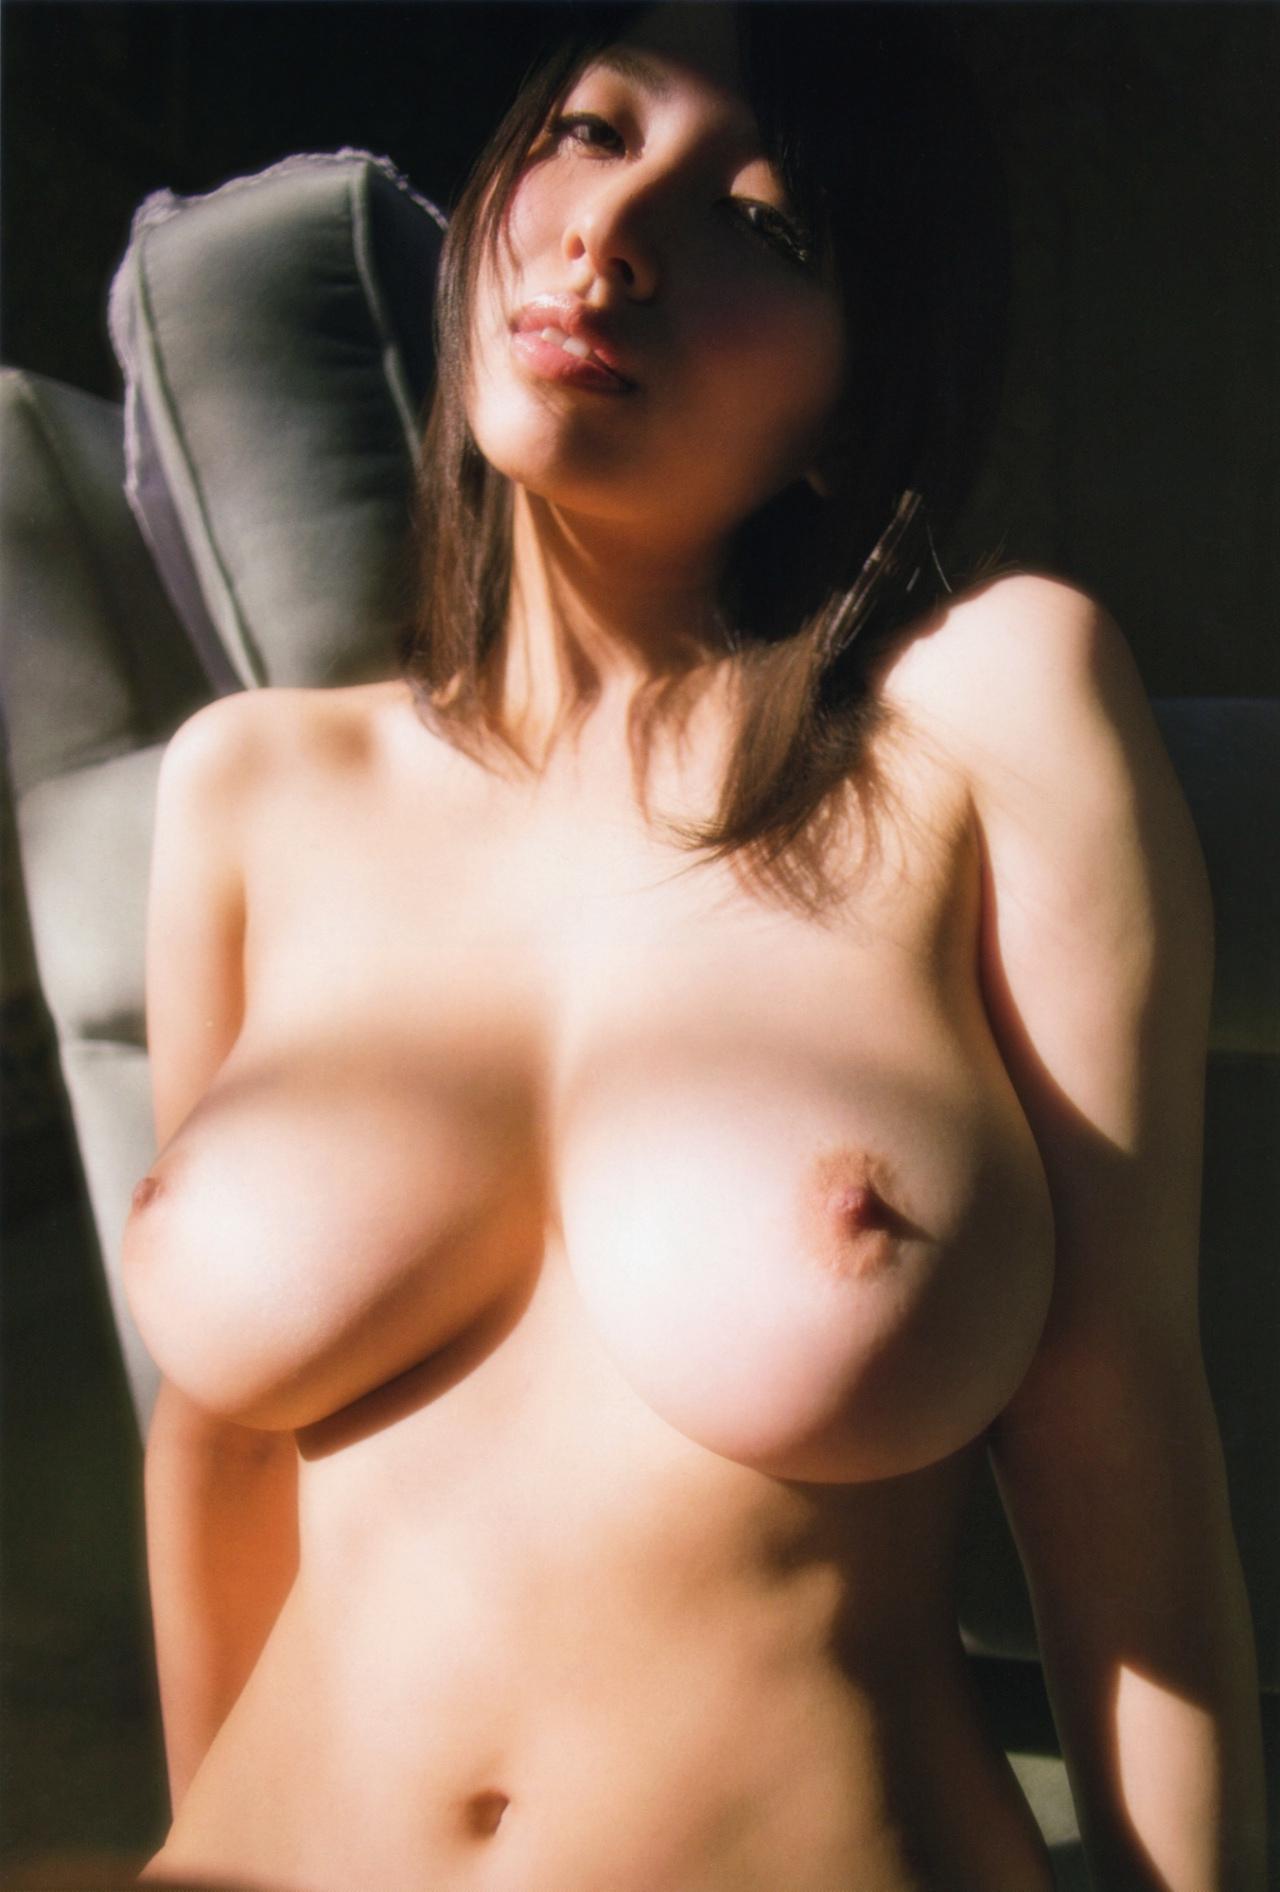 Asian Shot [Two]